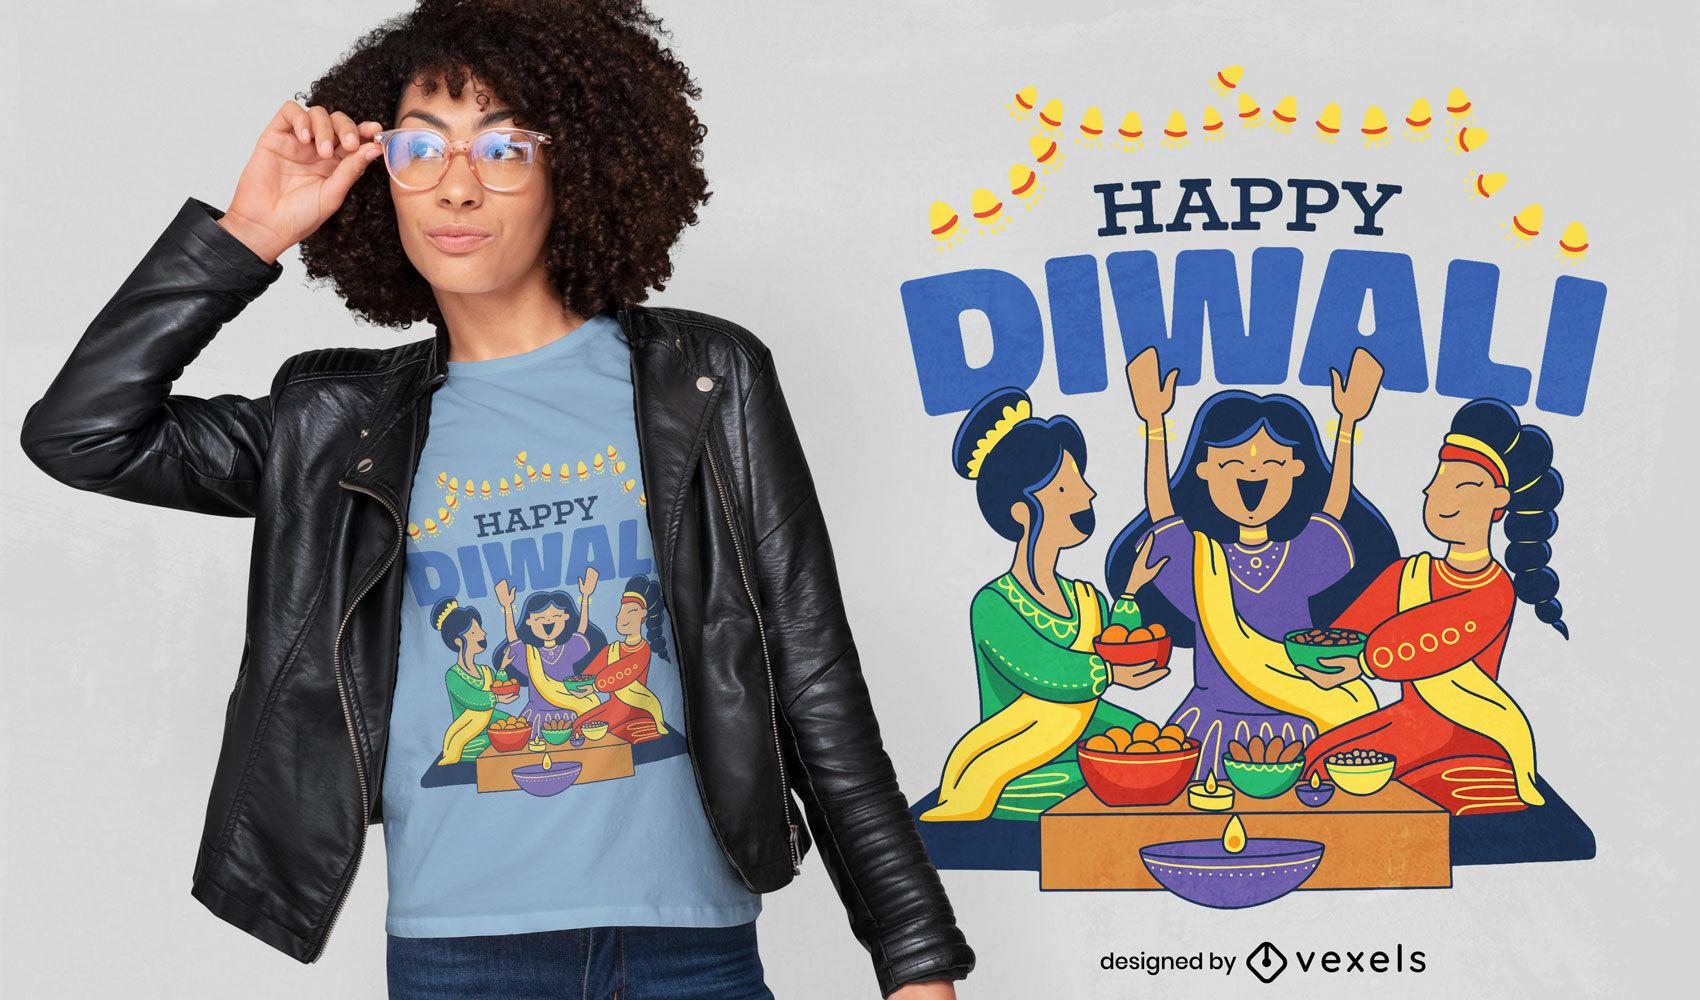 Fröhliches Diwali-Essen und Menschen-T-Shirt-Design